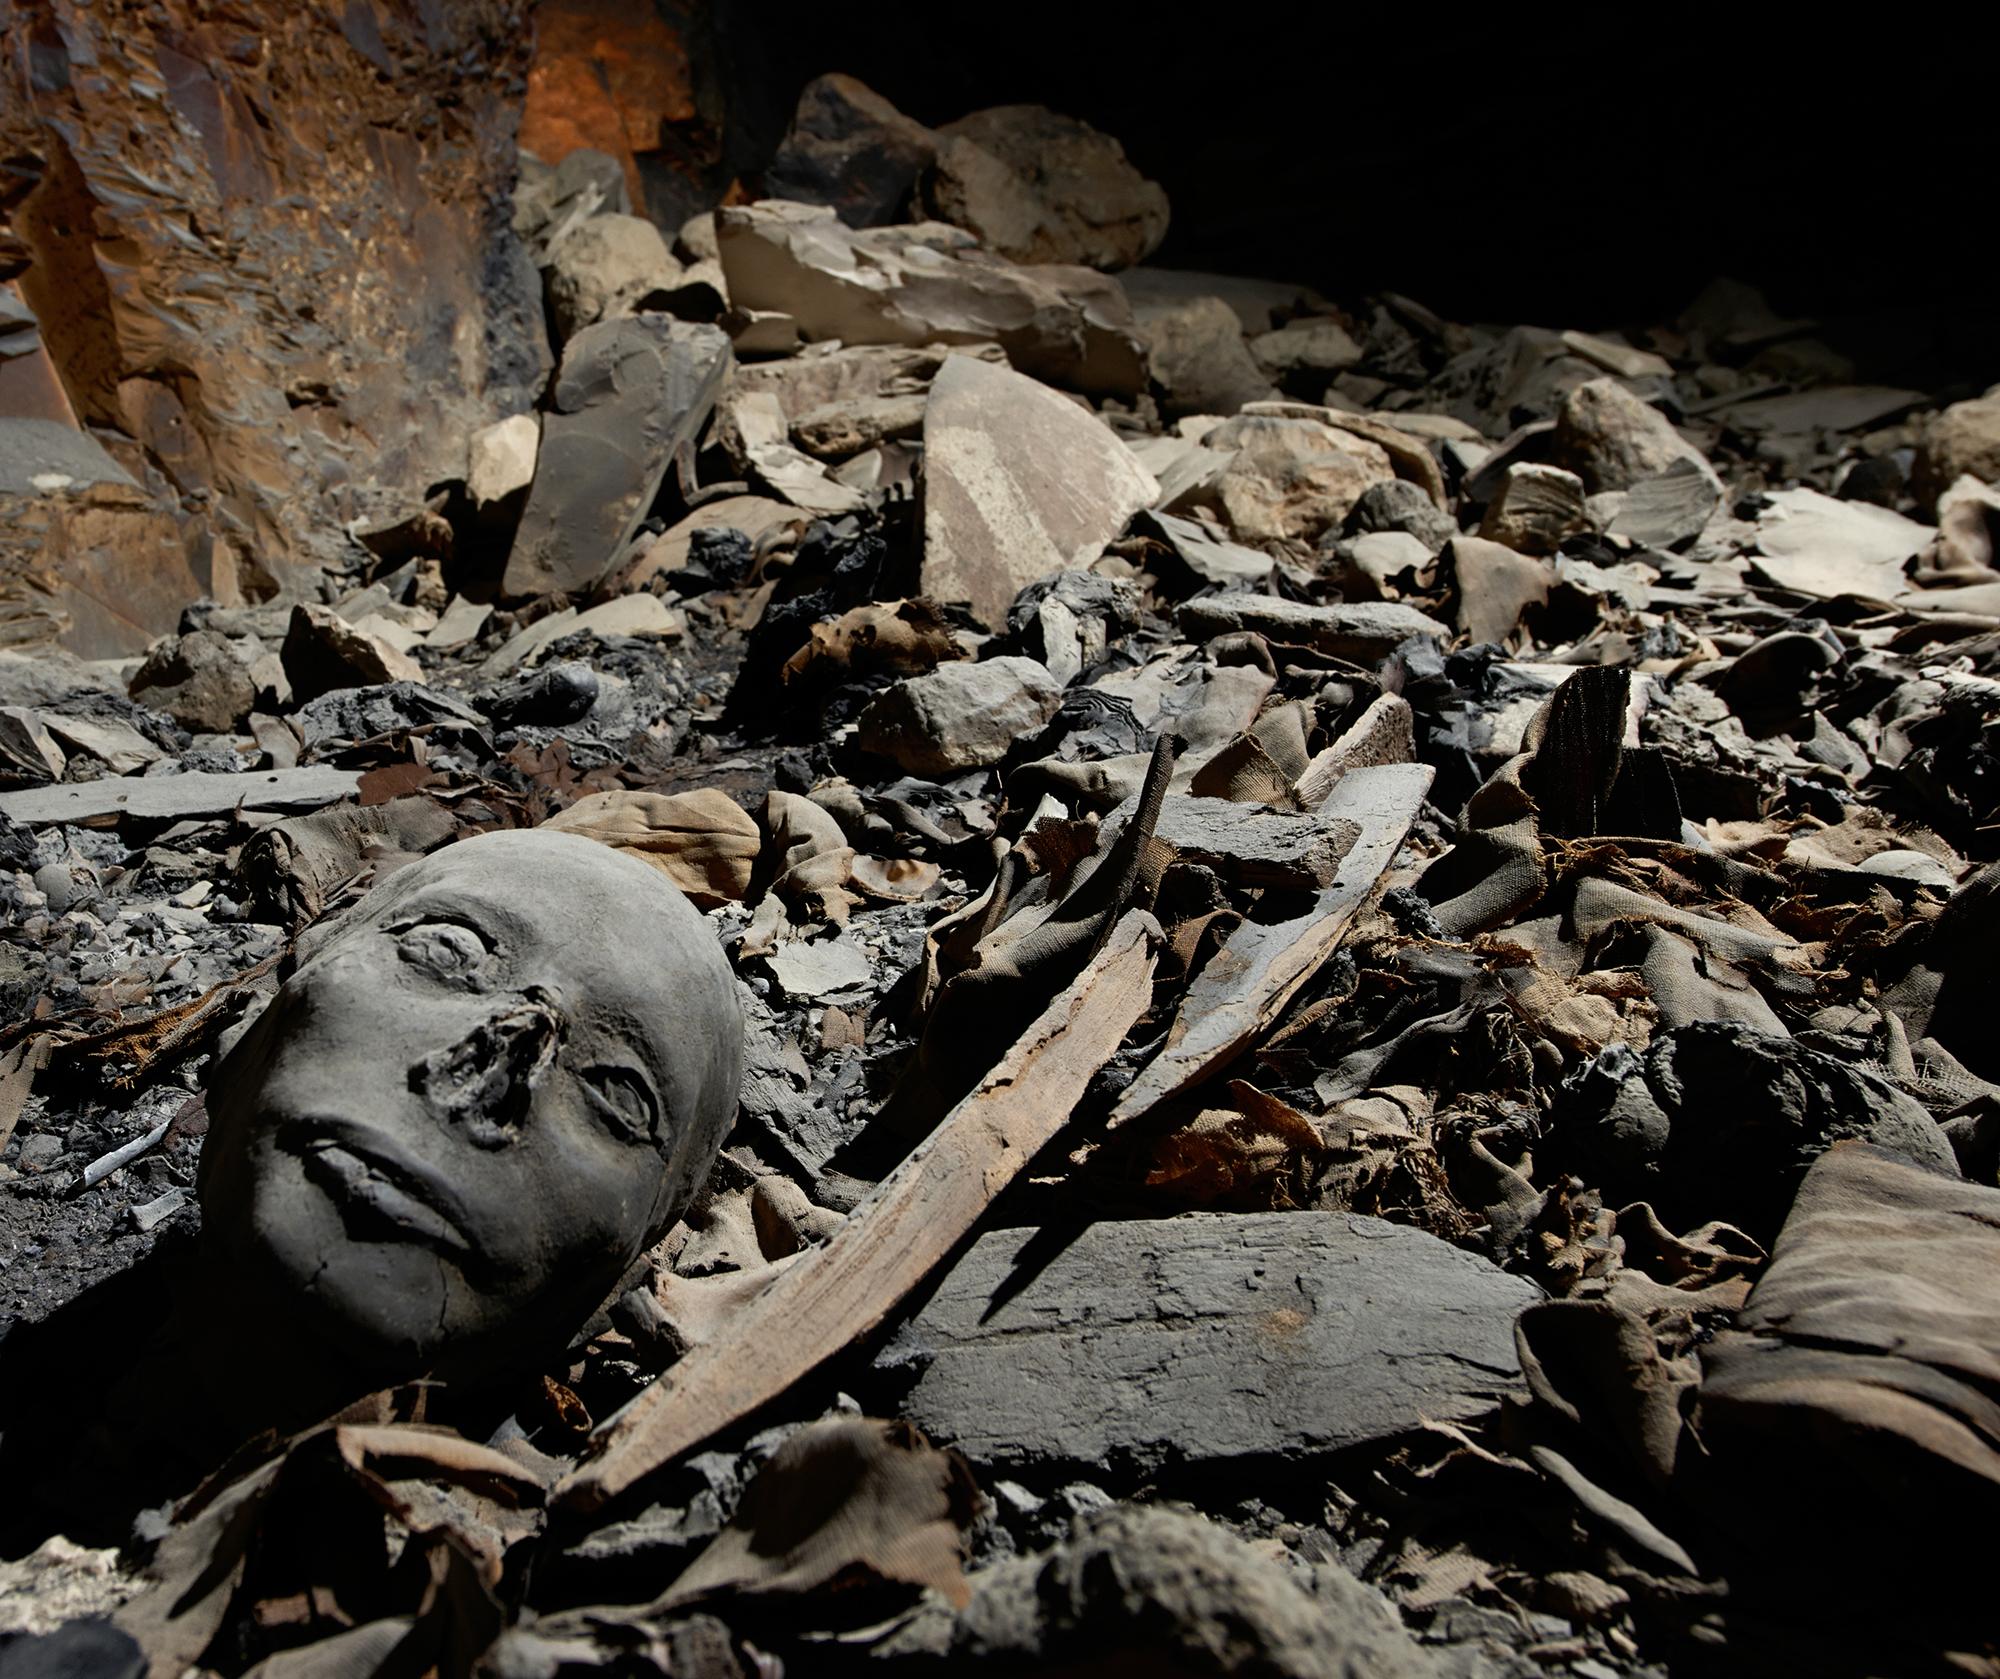 Die von Räubern zerstörte Grabkammer.